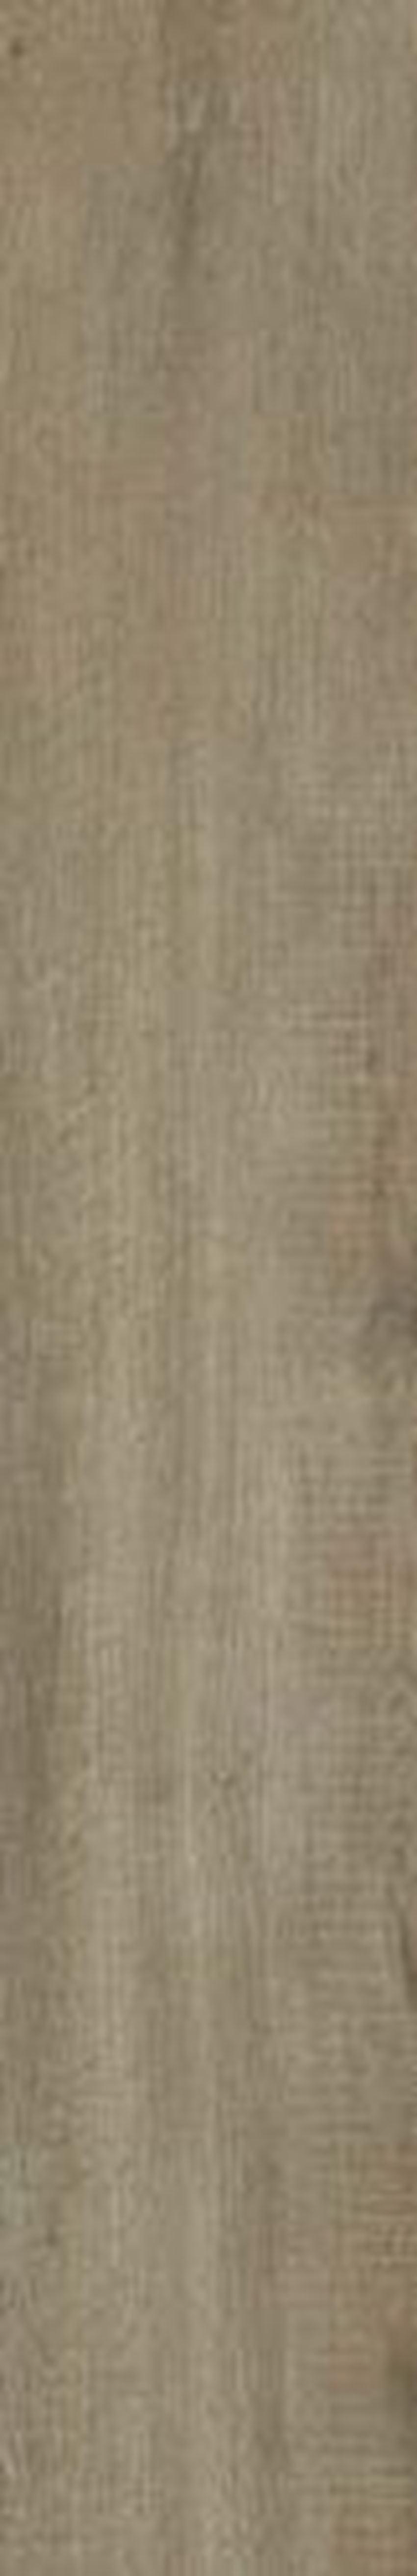 Płytka ścienno-podłogowa 19,4x120 cm Paradyż Tammi Naturale Gres Szklany Rektyfikowany Mat